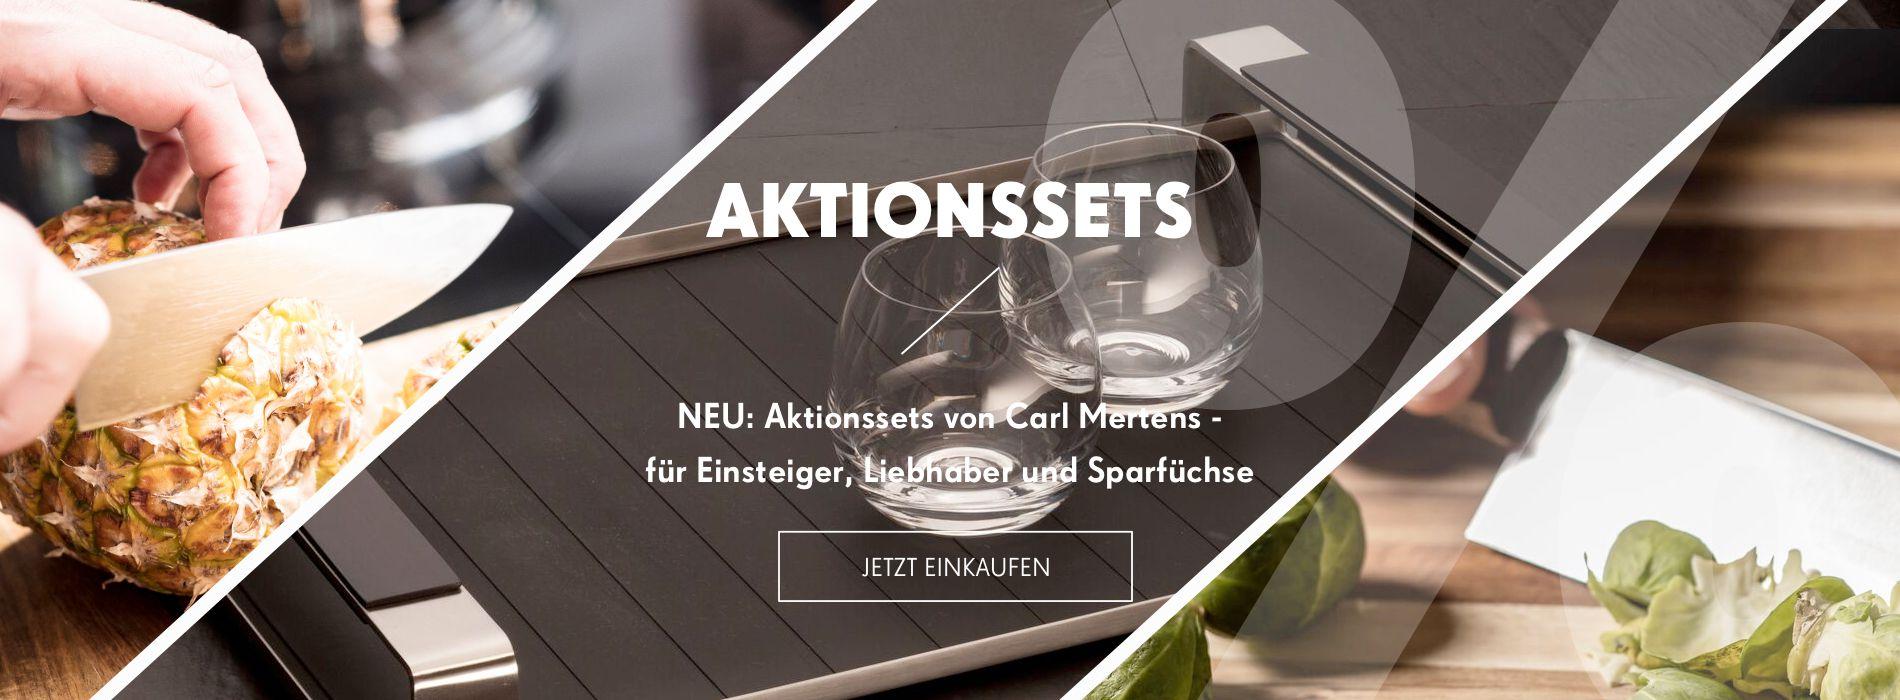 Geld sparen mit den Aktionssets von Carl Mertens!